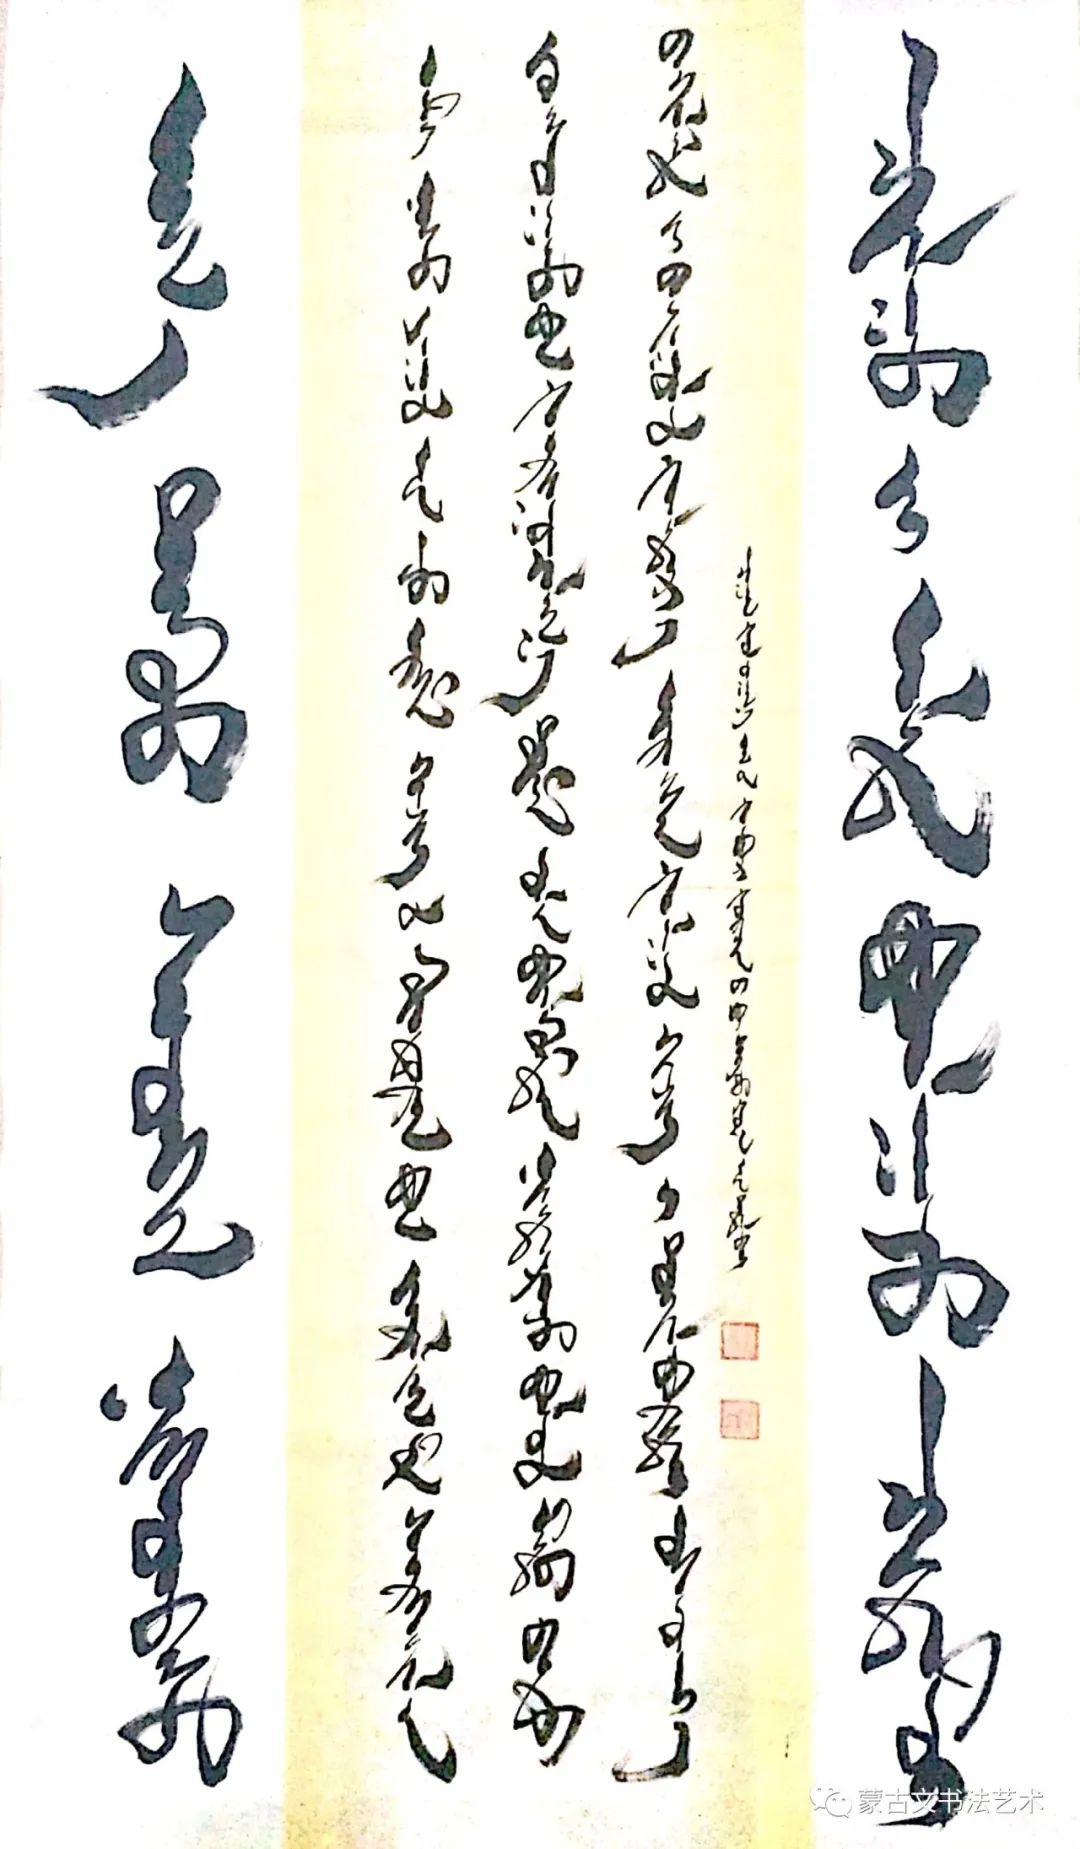 付晓花蒙古文书法 第4张 付晓花蒙古文书法 蒙古书法